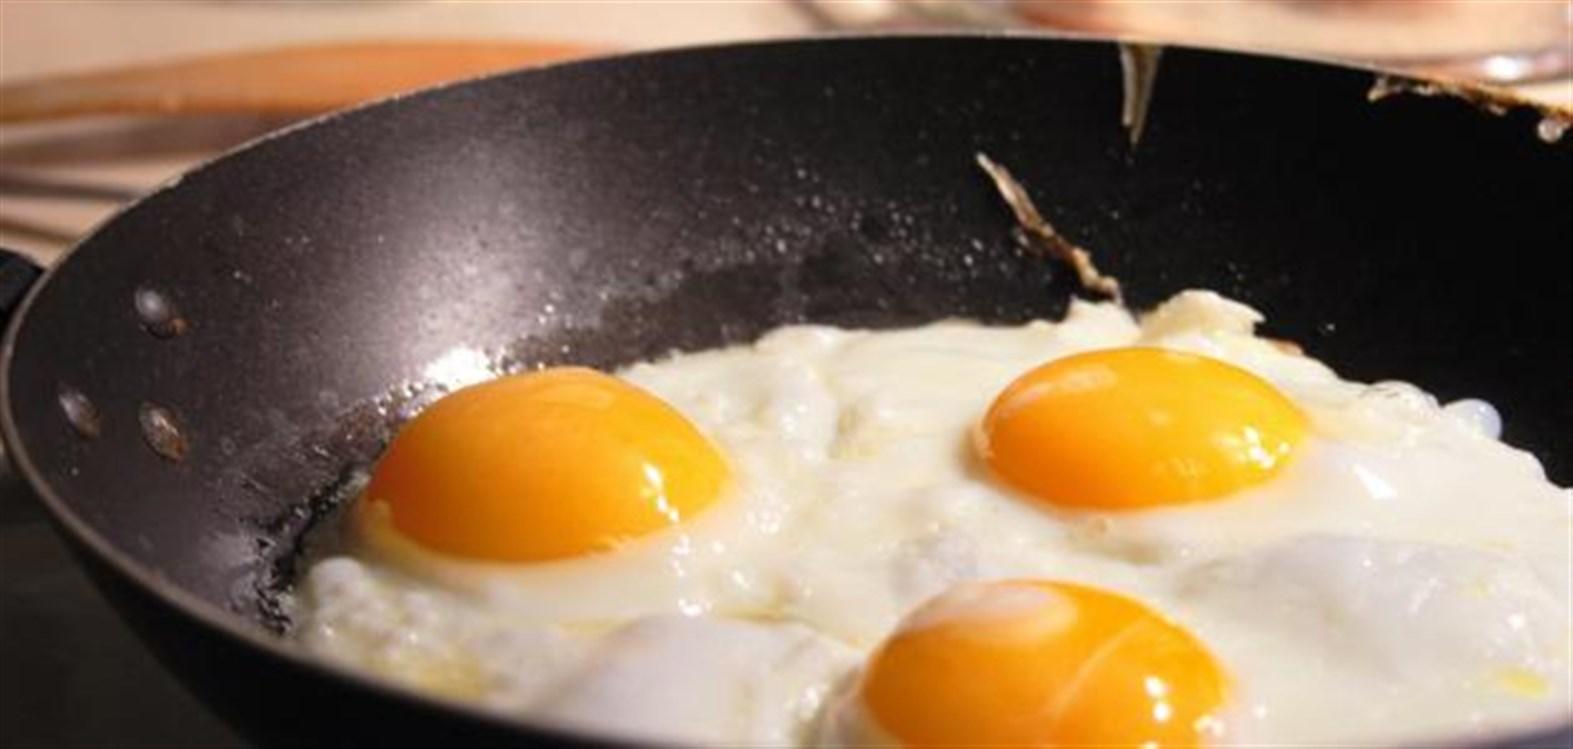 تفسير حلم البيض المقلي